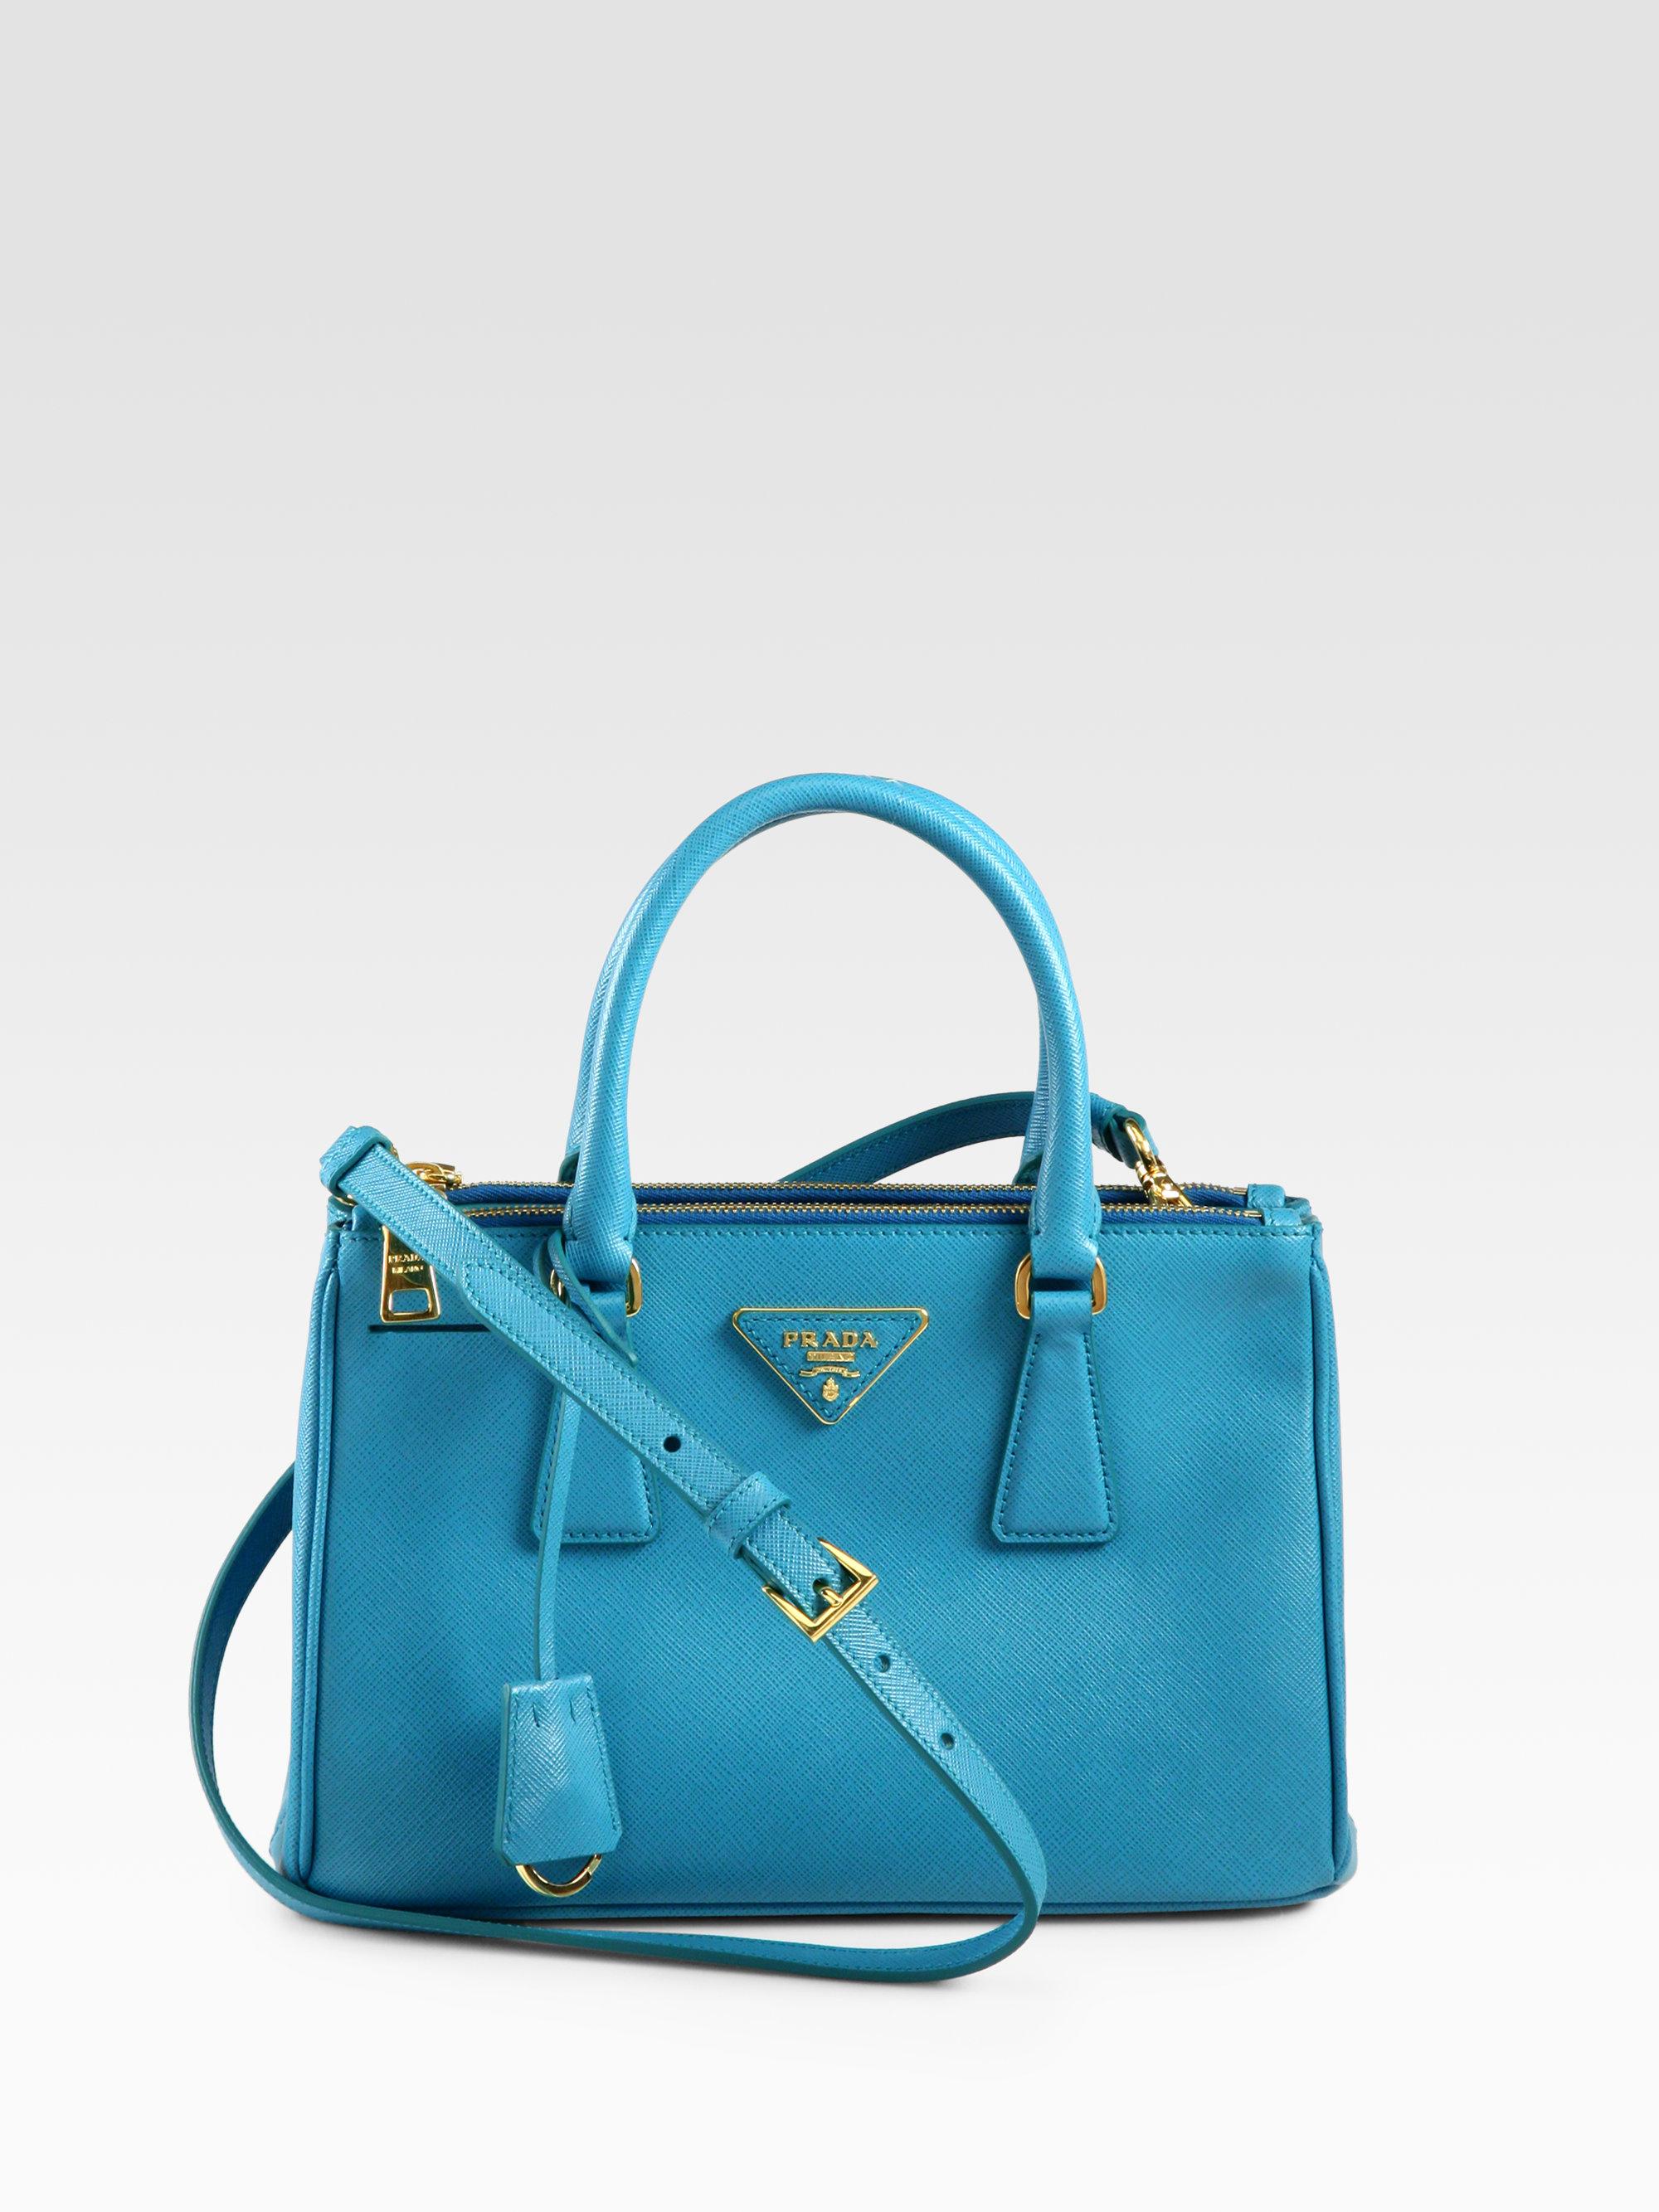 425cf4cac8ec Lyst - Prada Saffiano Lux Small Double-zip Tote in Blue